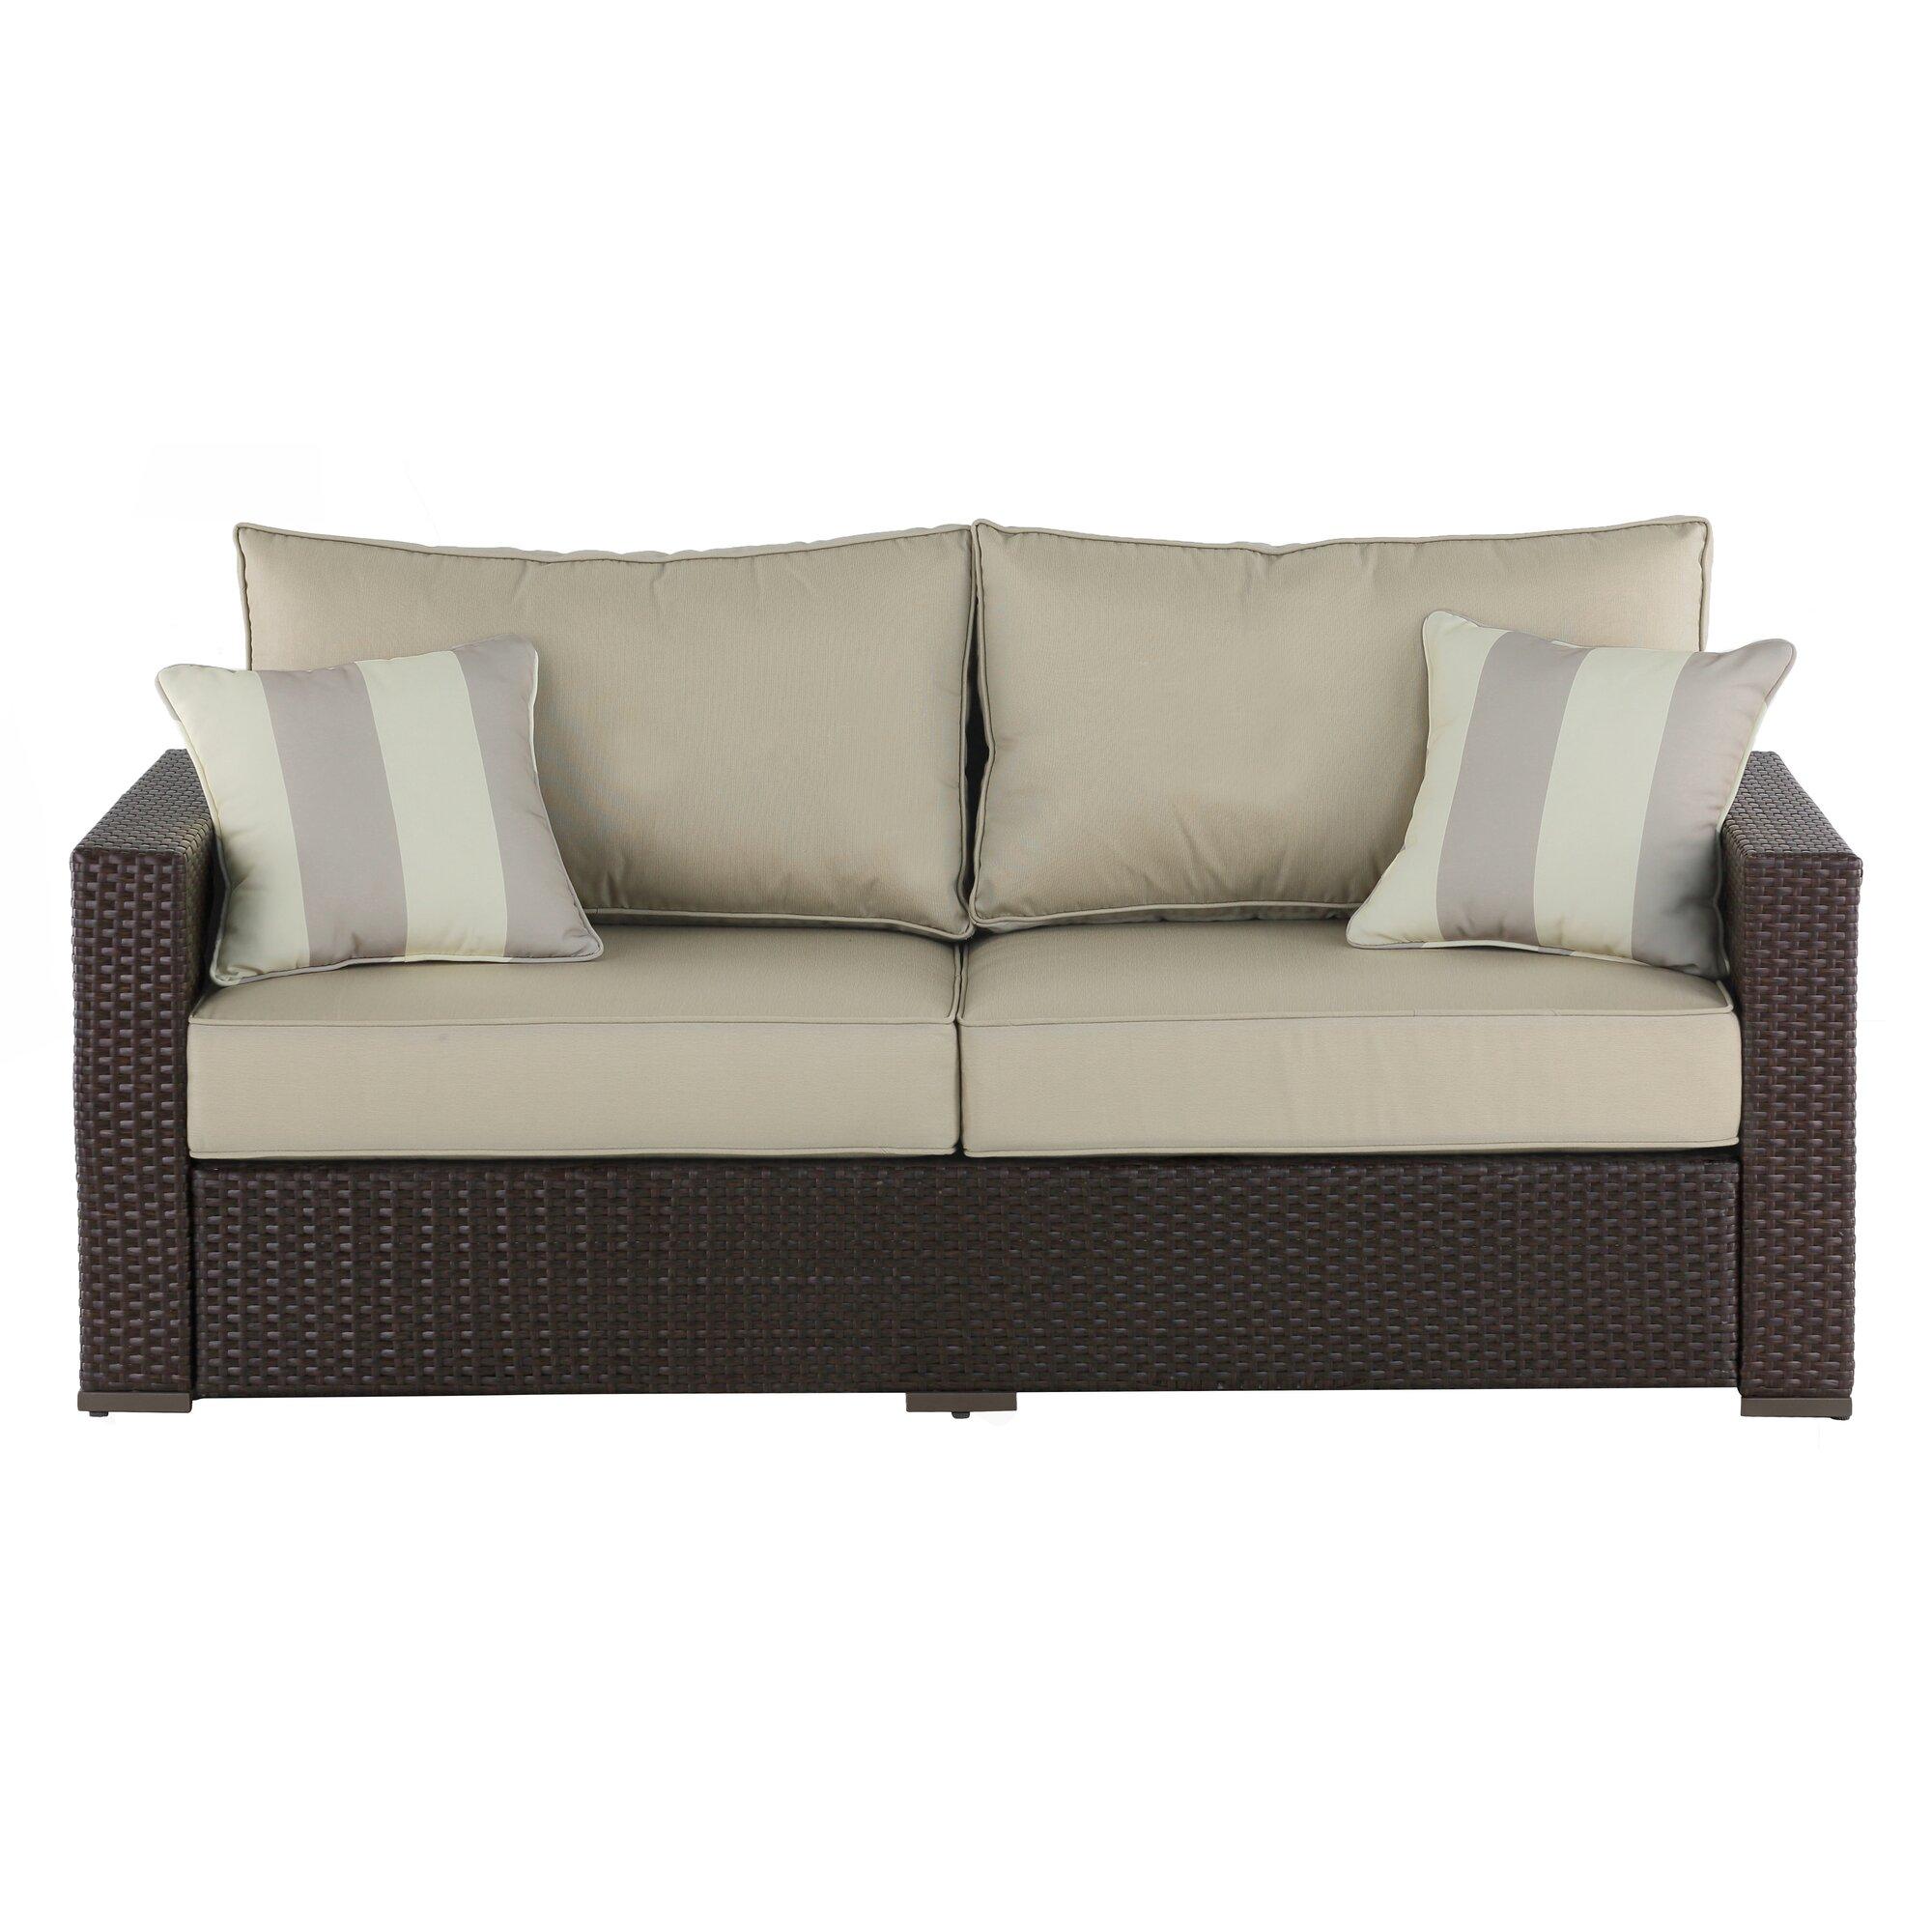 Serta at Home Laguna Outdoor Sofa with Cushions & Reviews